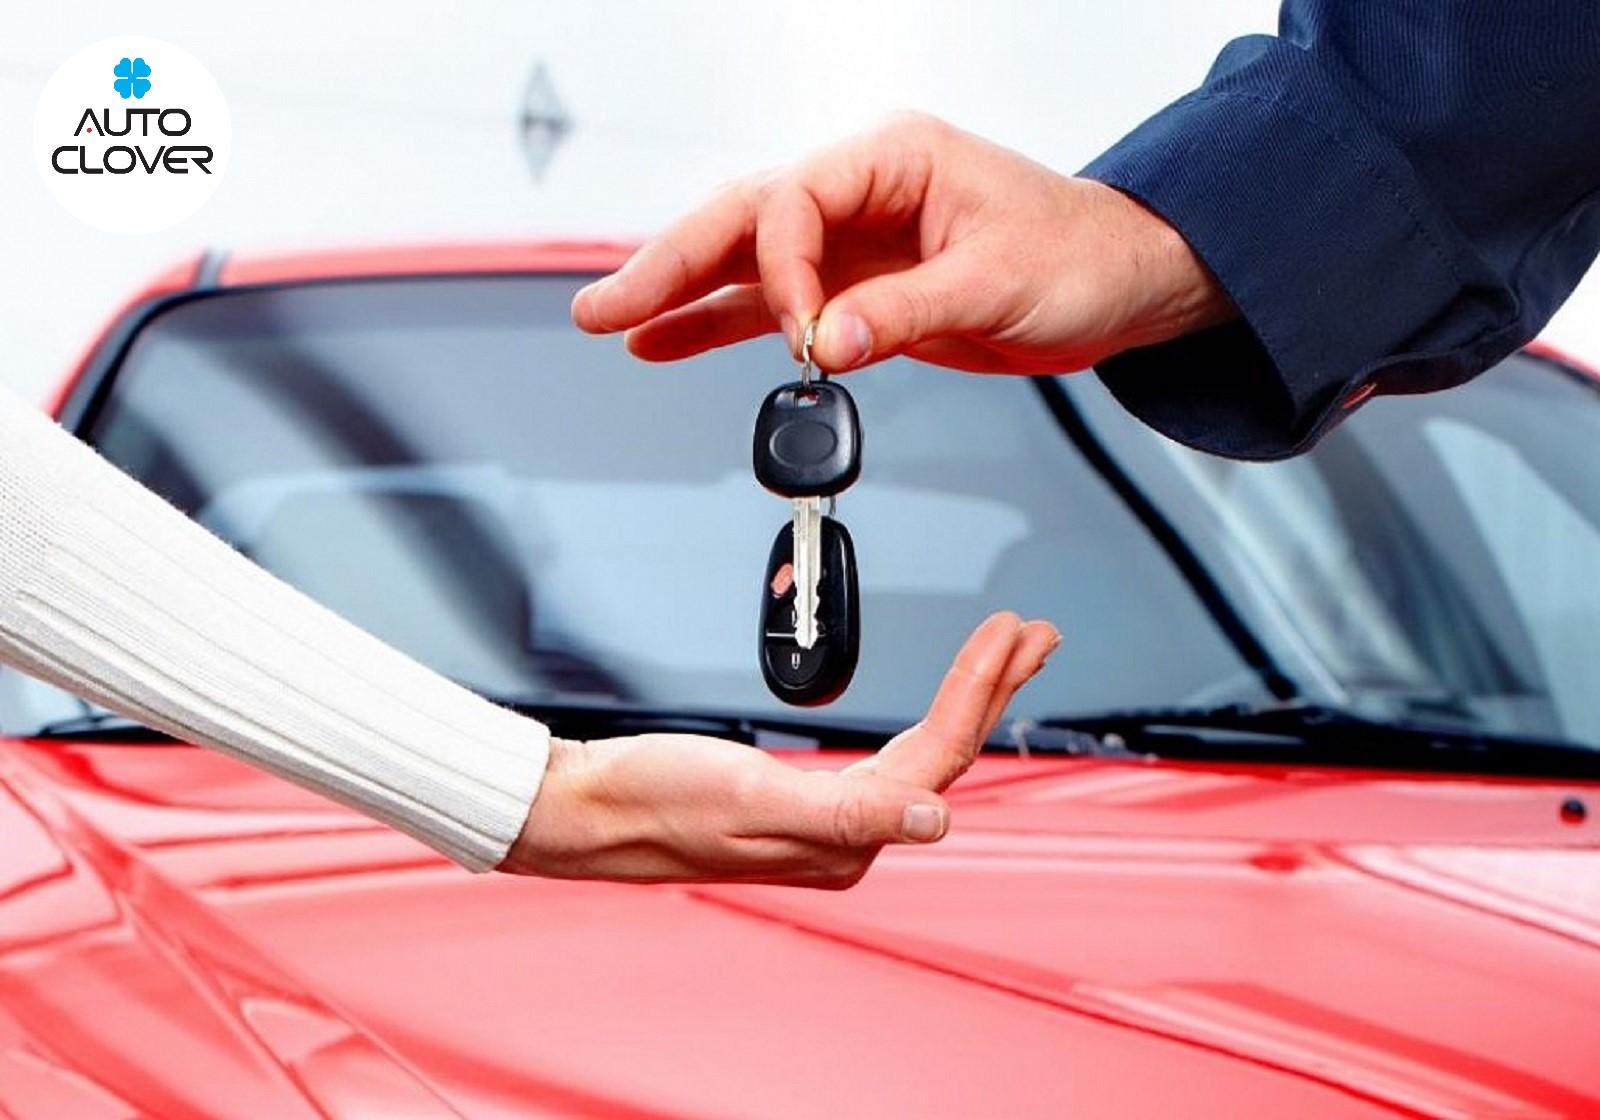 Độ an toàn là điều cần chú ý quan tâm nhất khi mua một chiếc xe ô tô dù là mới hay cũ.